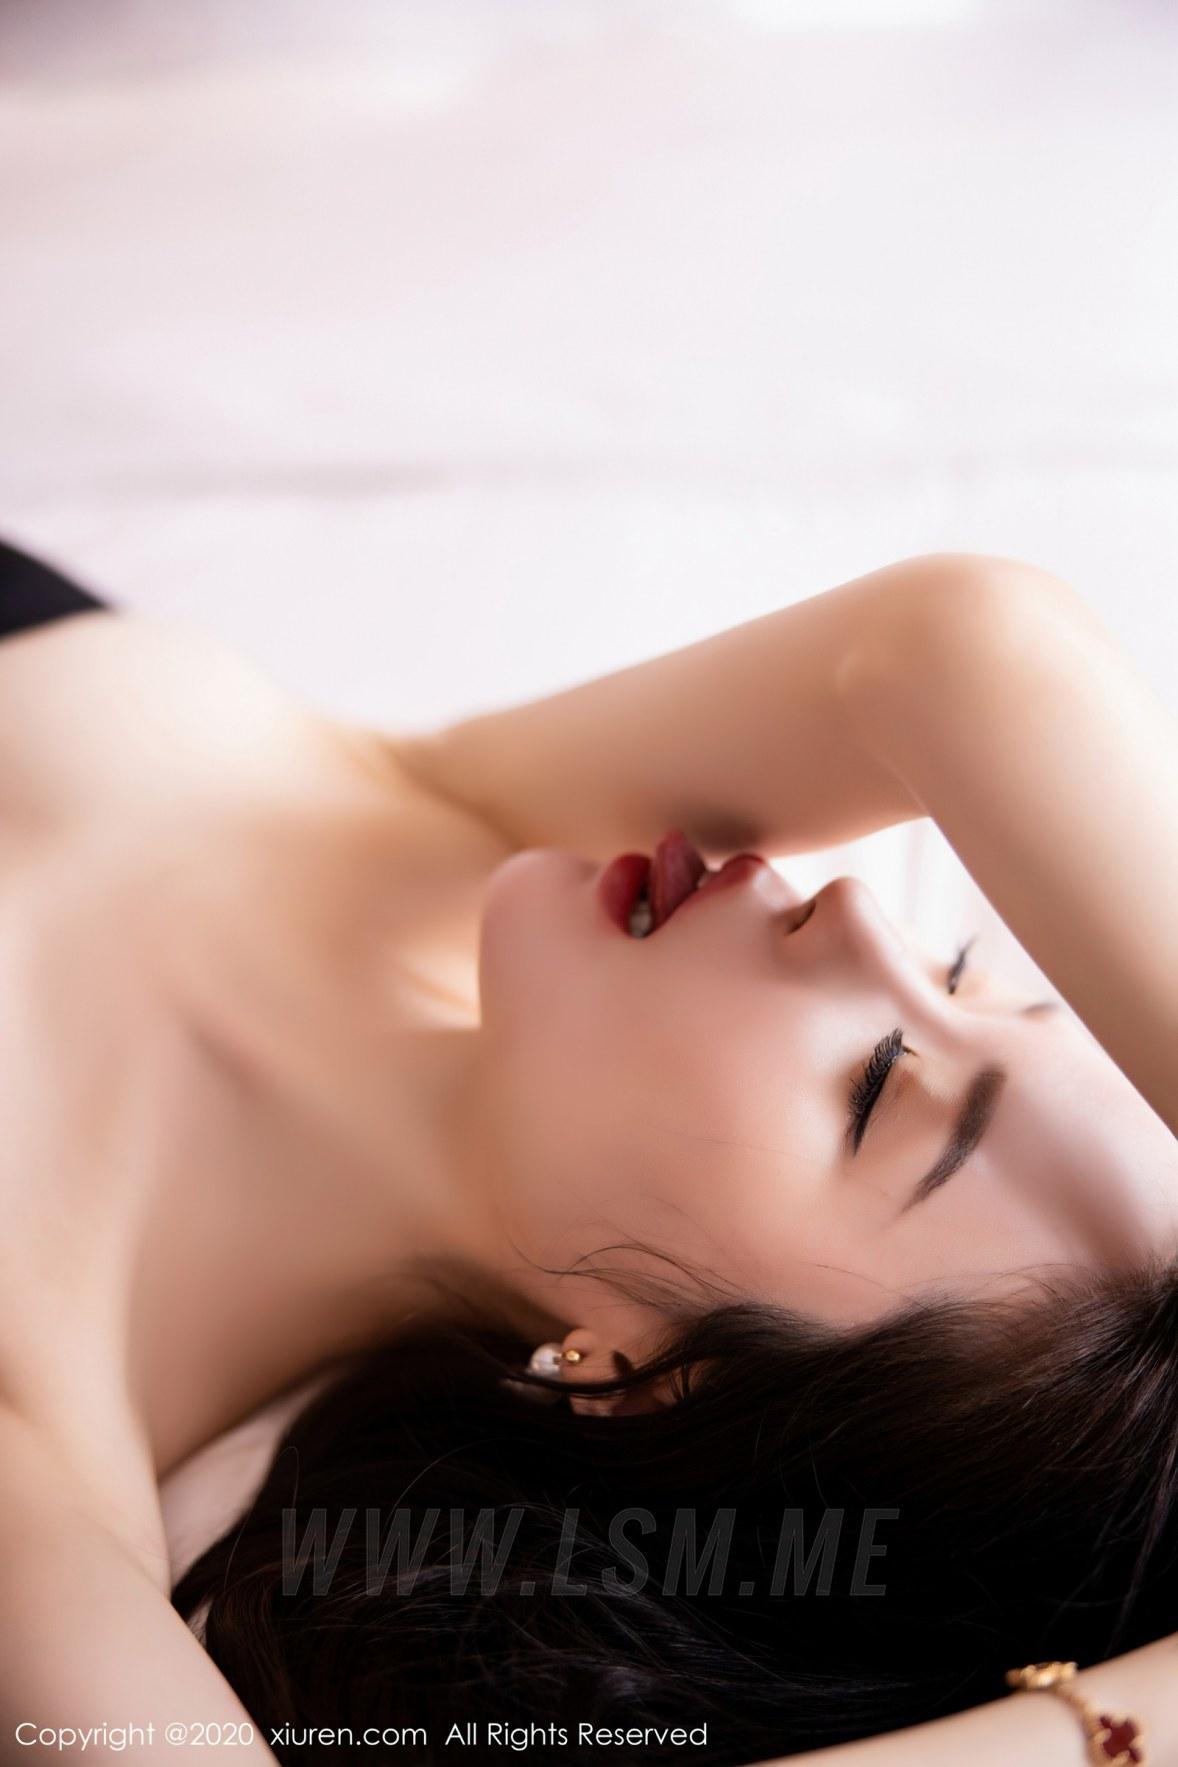 2535 008 7lb 3600 5400 - XiuRen 秀人 No.2535  黑丝魅惑抹胸 梦心月 - 秀人网 -【免费在线写真】【丽人丝语】